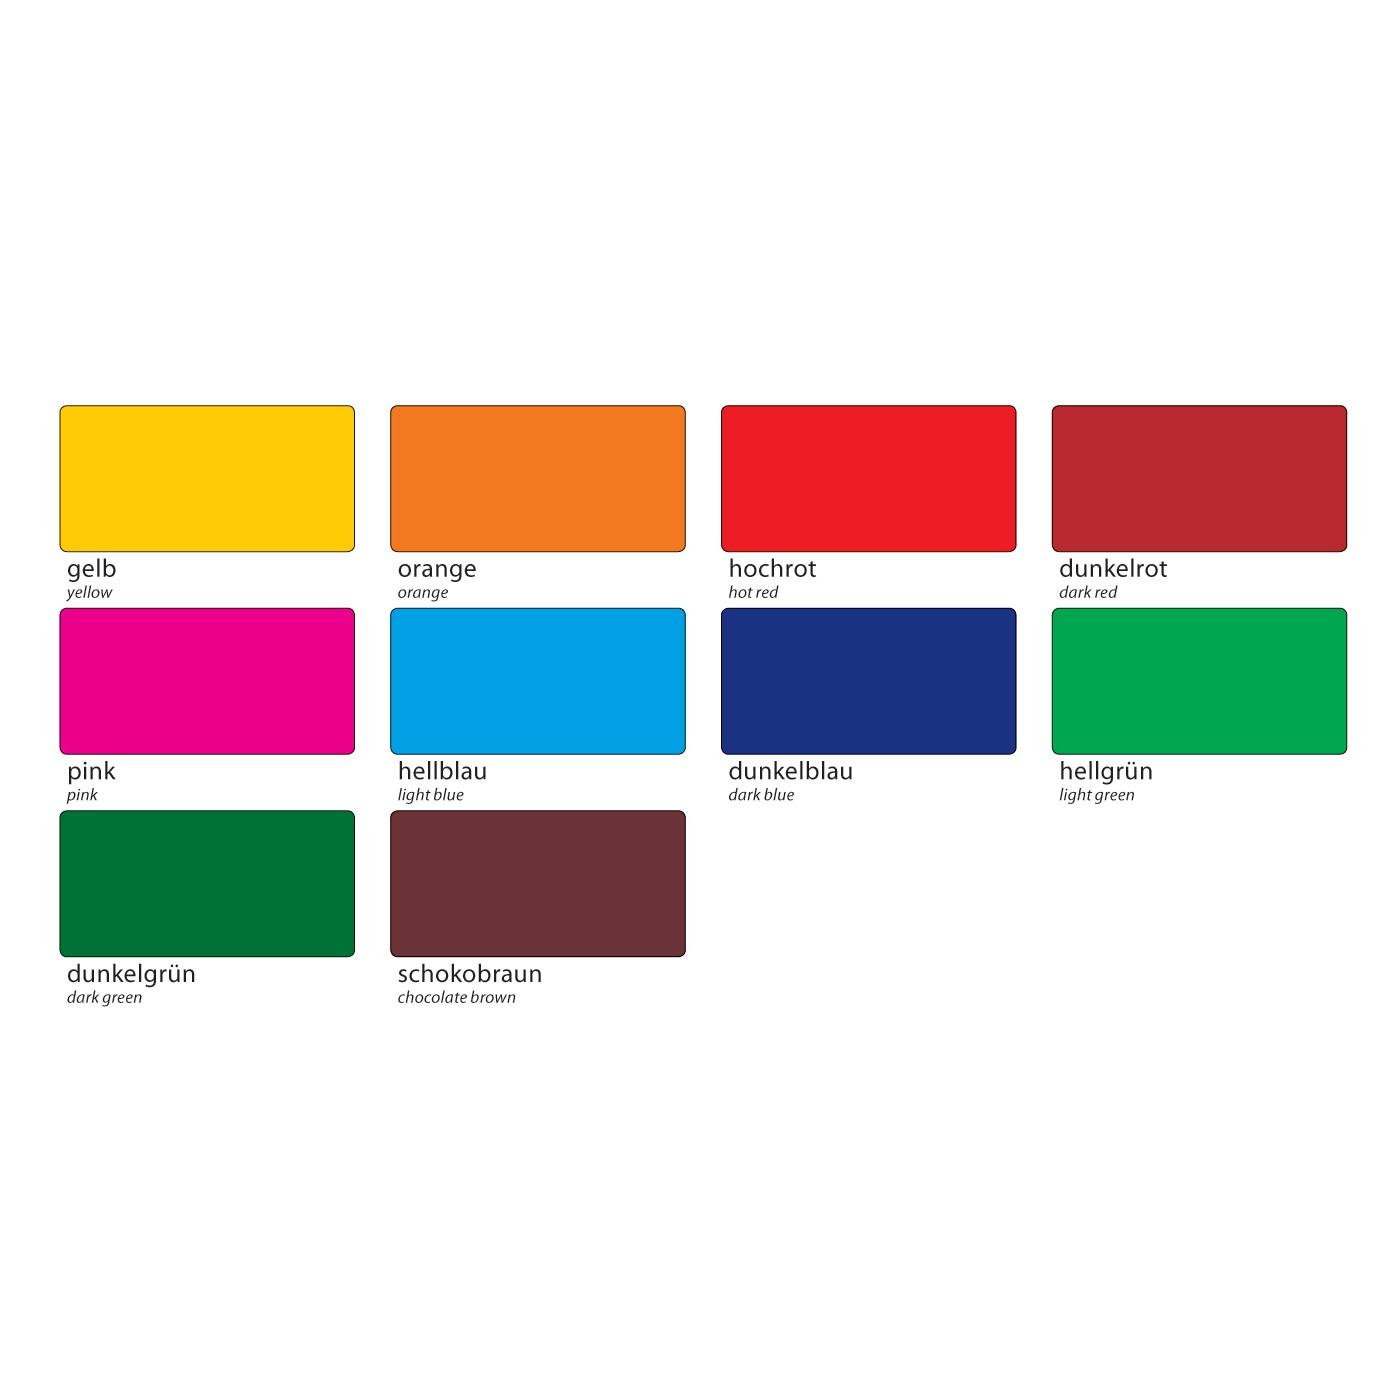 fensterfolie 23x33cm selbsthaftend 10 farben 10 bogen von folia g nstig bei mariposa toys kaufen. Black Bedroom Furniture Sets. Home Design Ideas